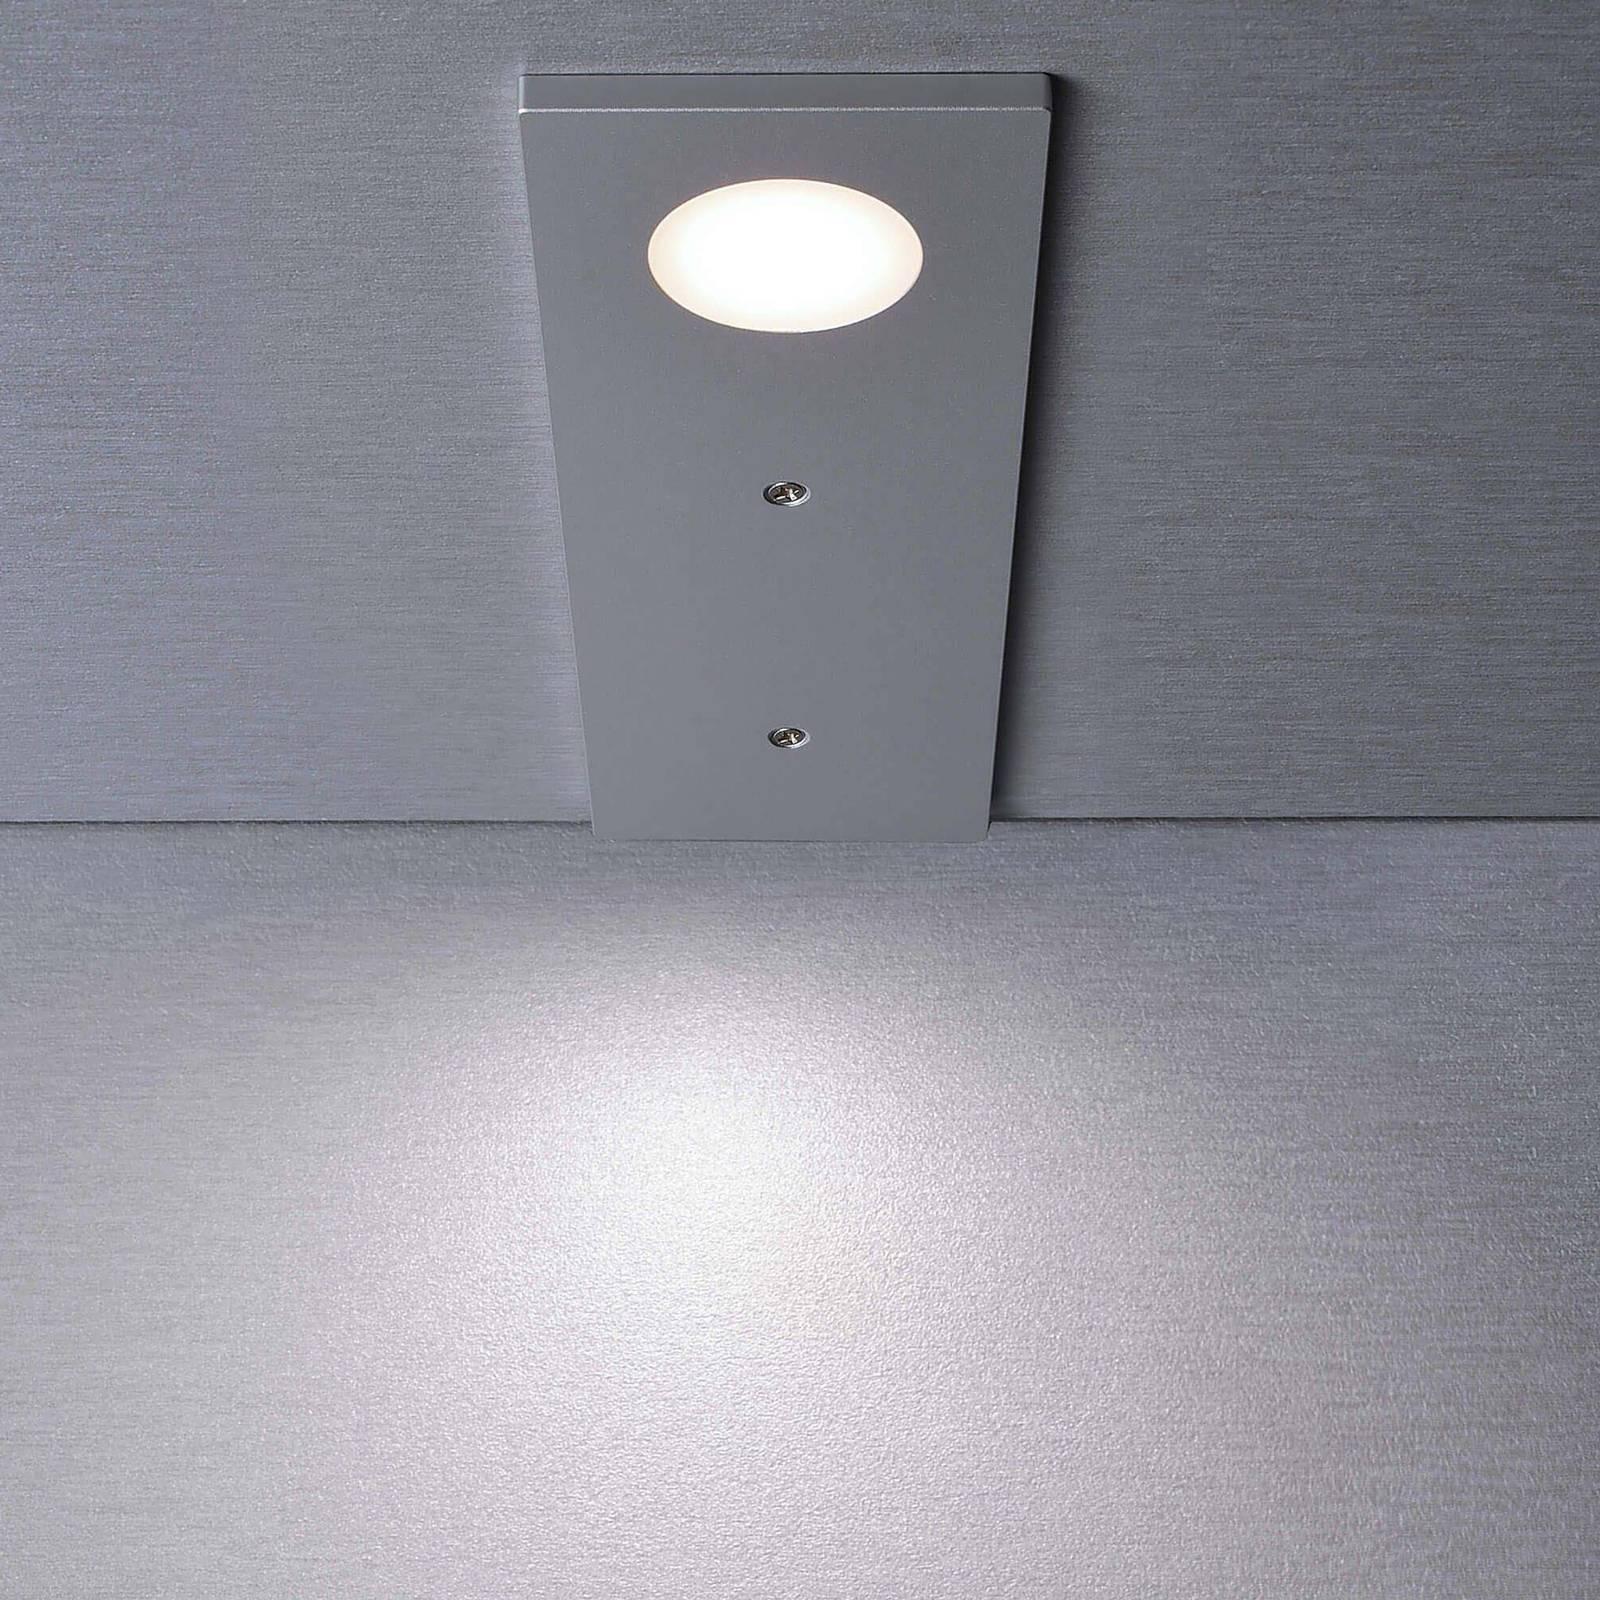 LED-kalustevalaisin Fine II, 3 kpl, himmennettävä